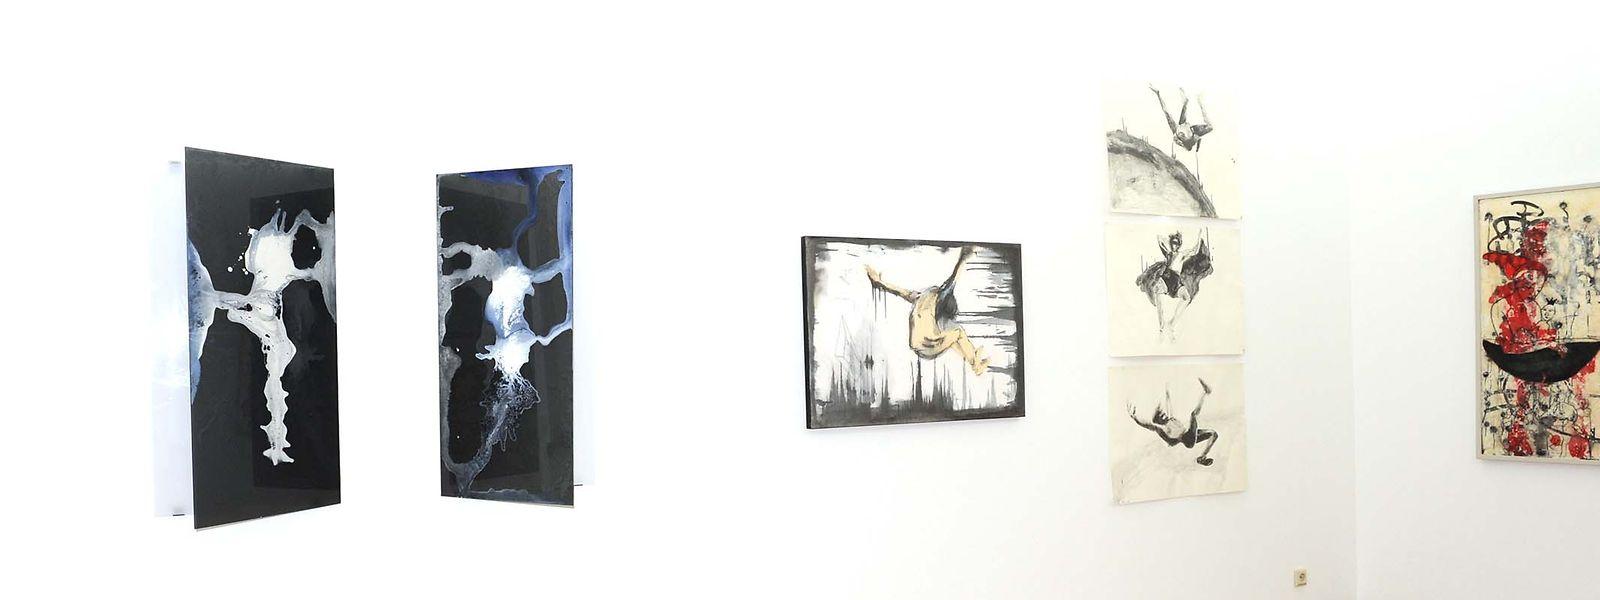 Kunstwerke unterschiedlichster Stilrichtungen sind zurzeit in der Galerie Nosbaum Reding ausgestellt.